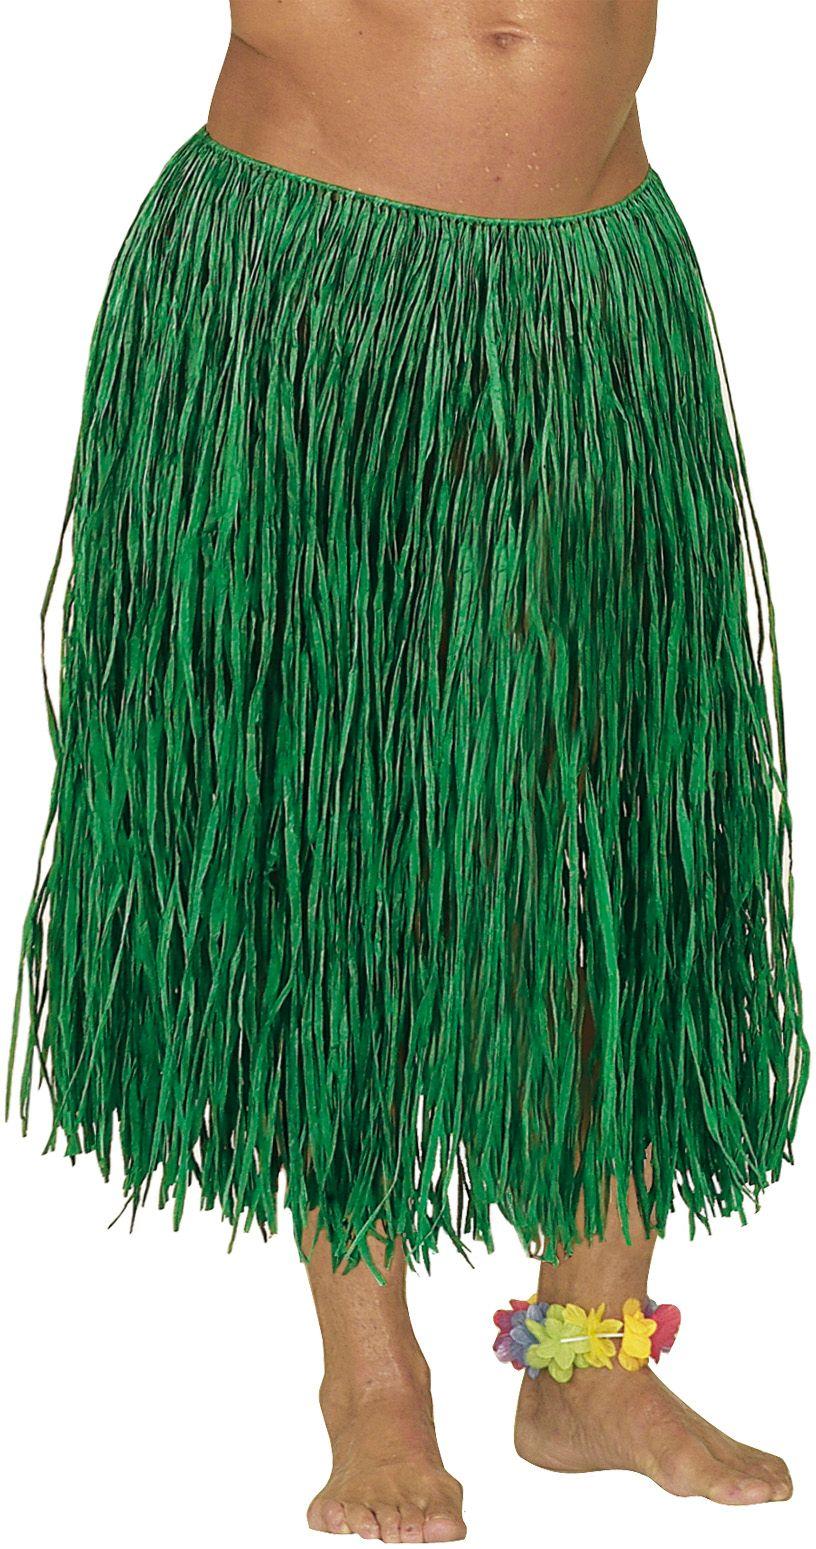 Groene Hawaii rok